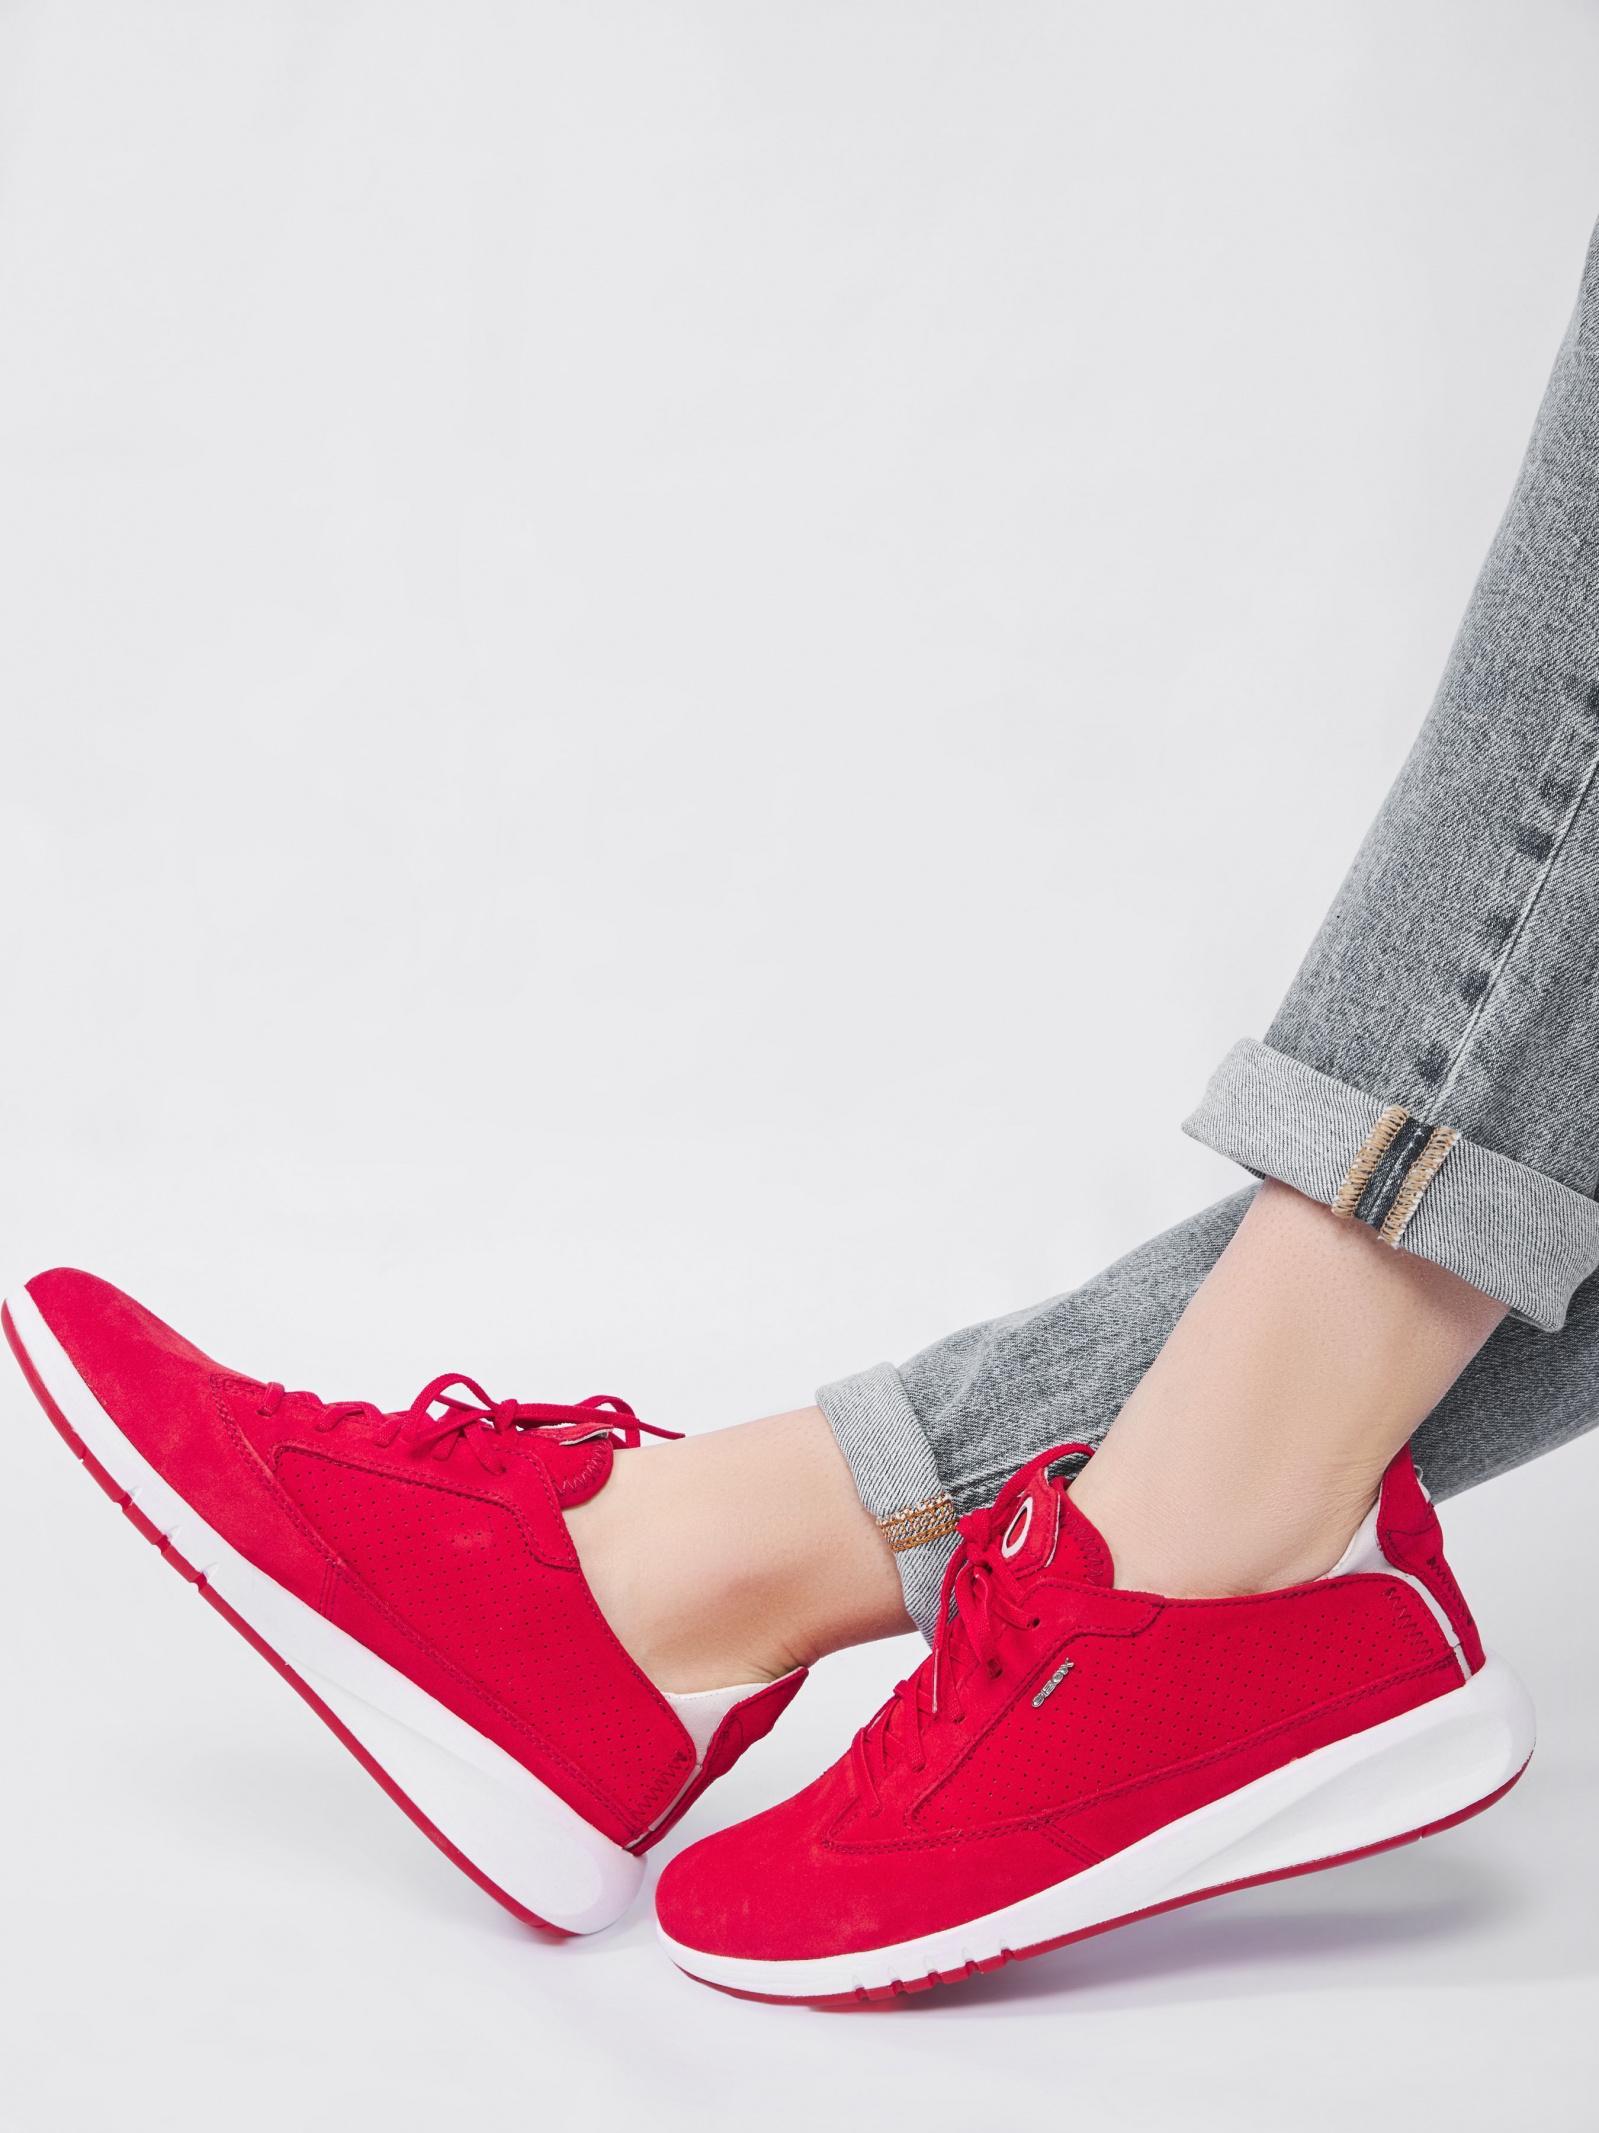 Кроссовки для женщин Geox D AERANTIS XW3931 смотреть, 2017